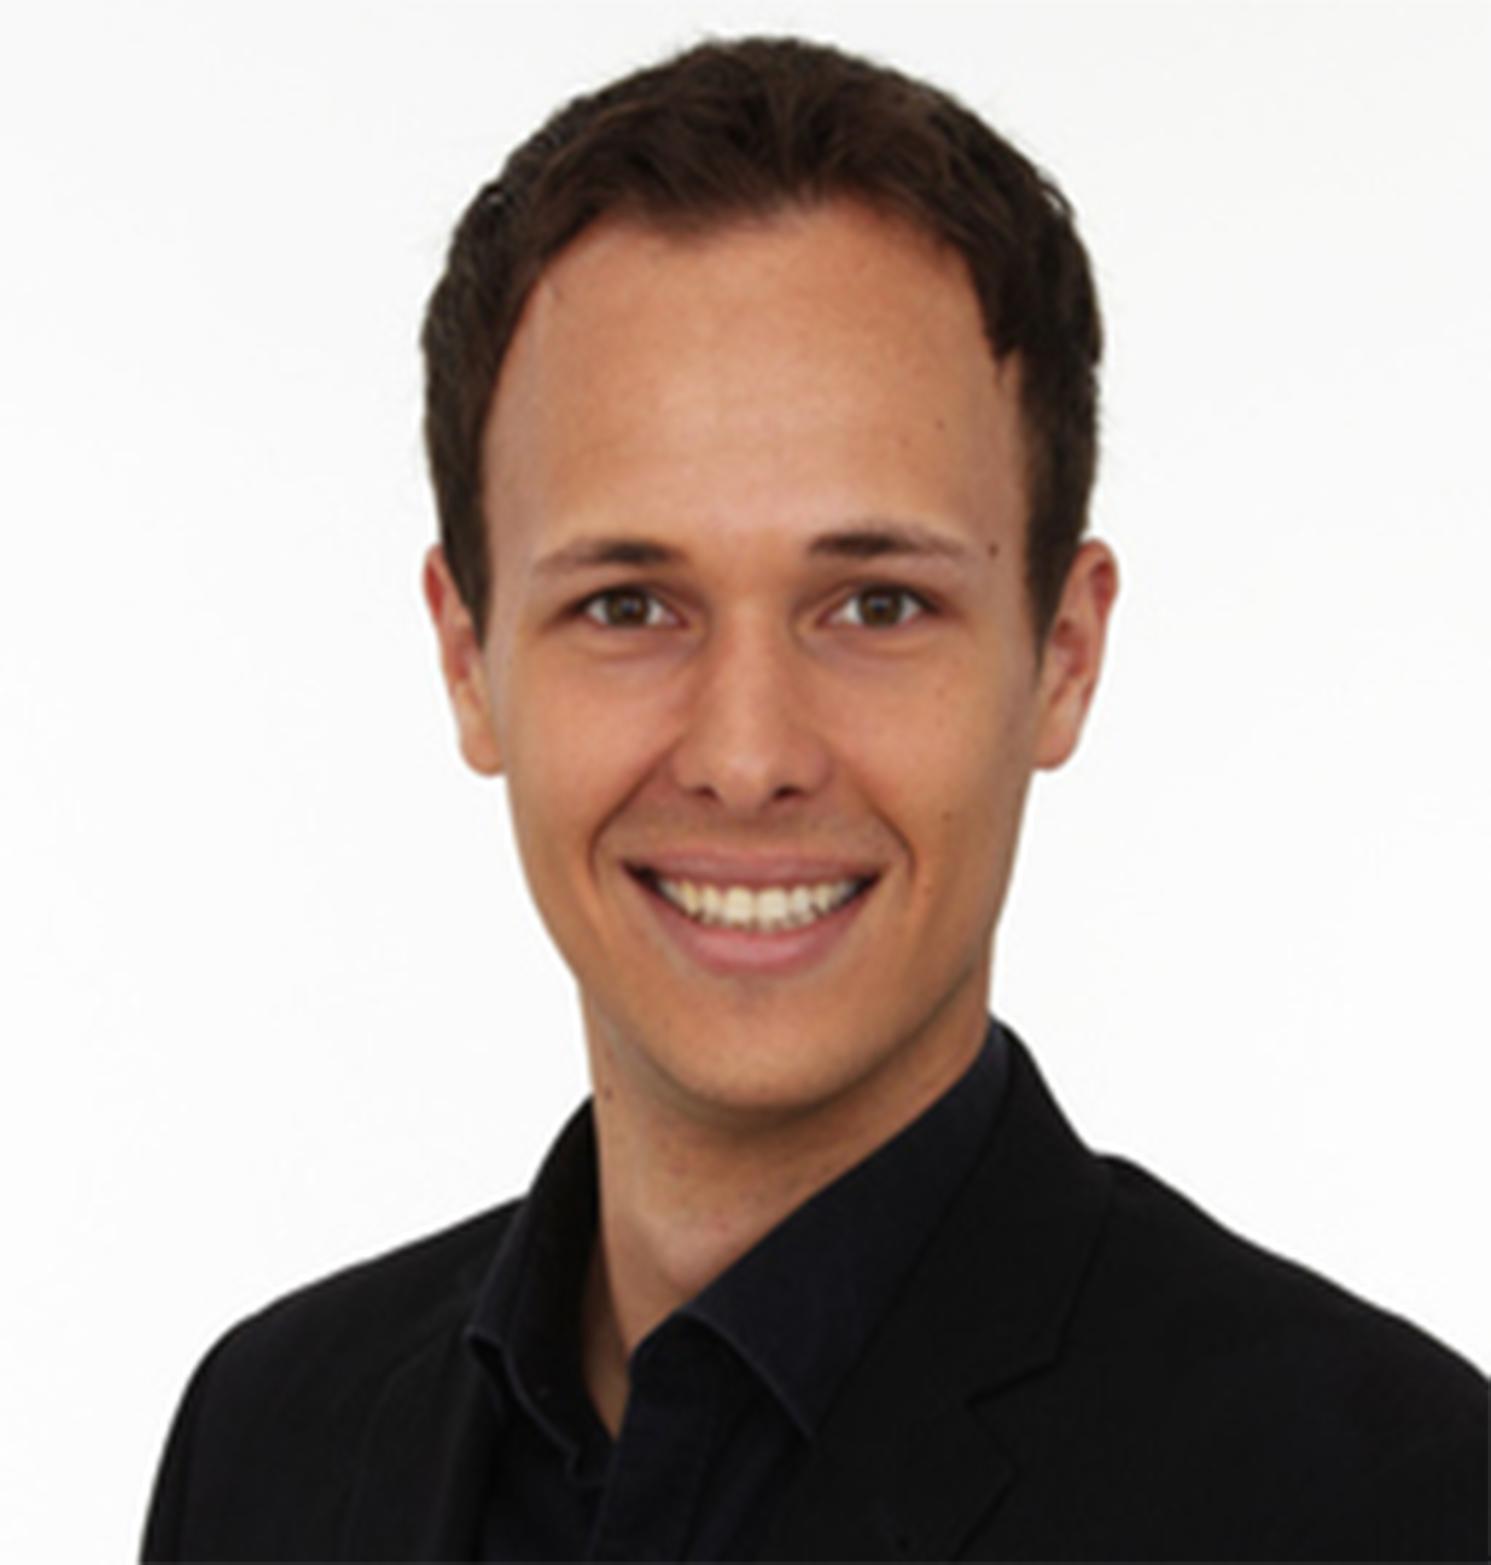 Ing. Christoph Eiber MBA